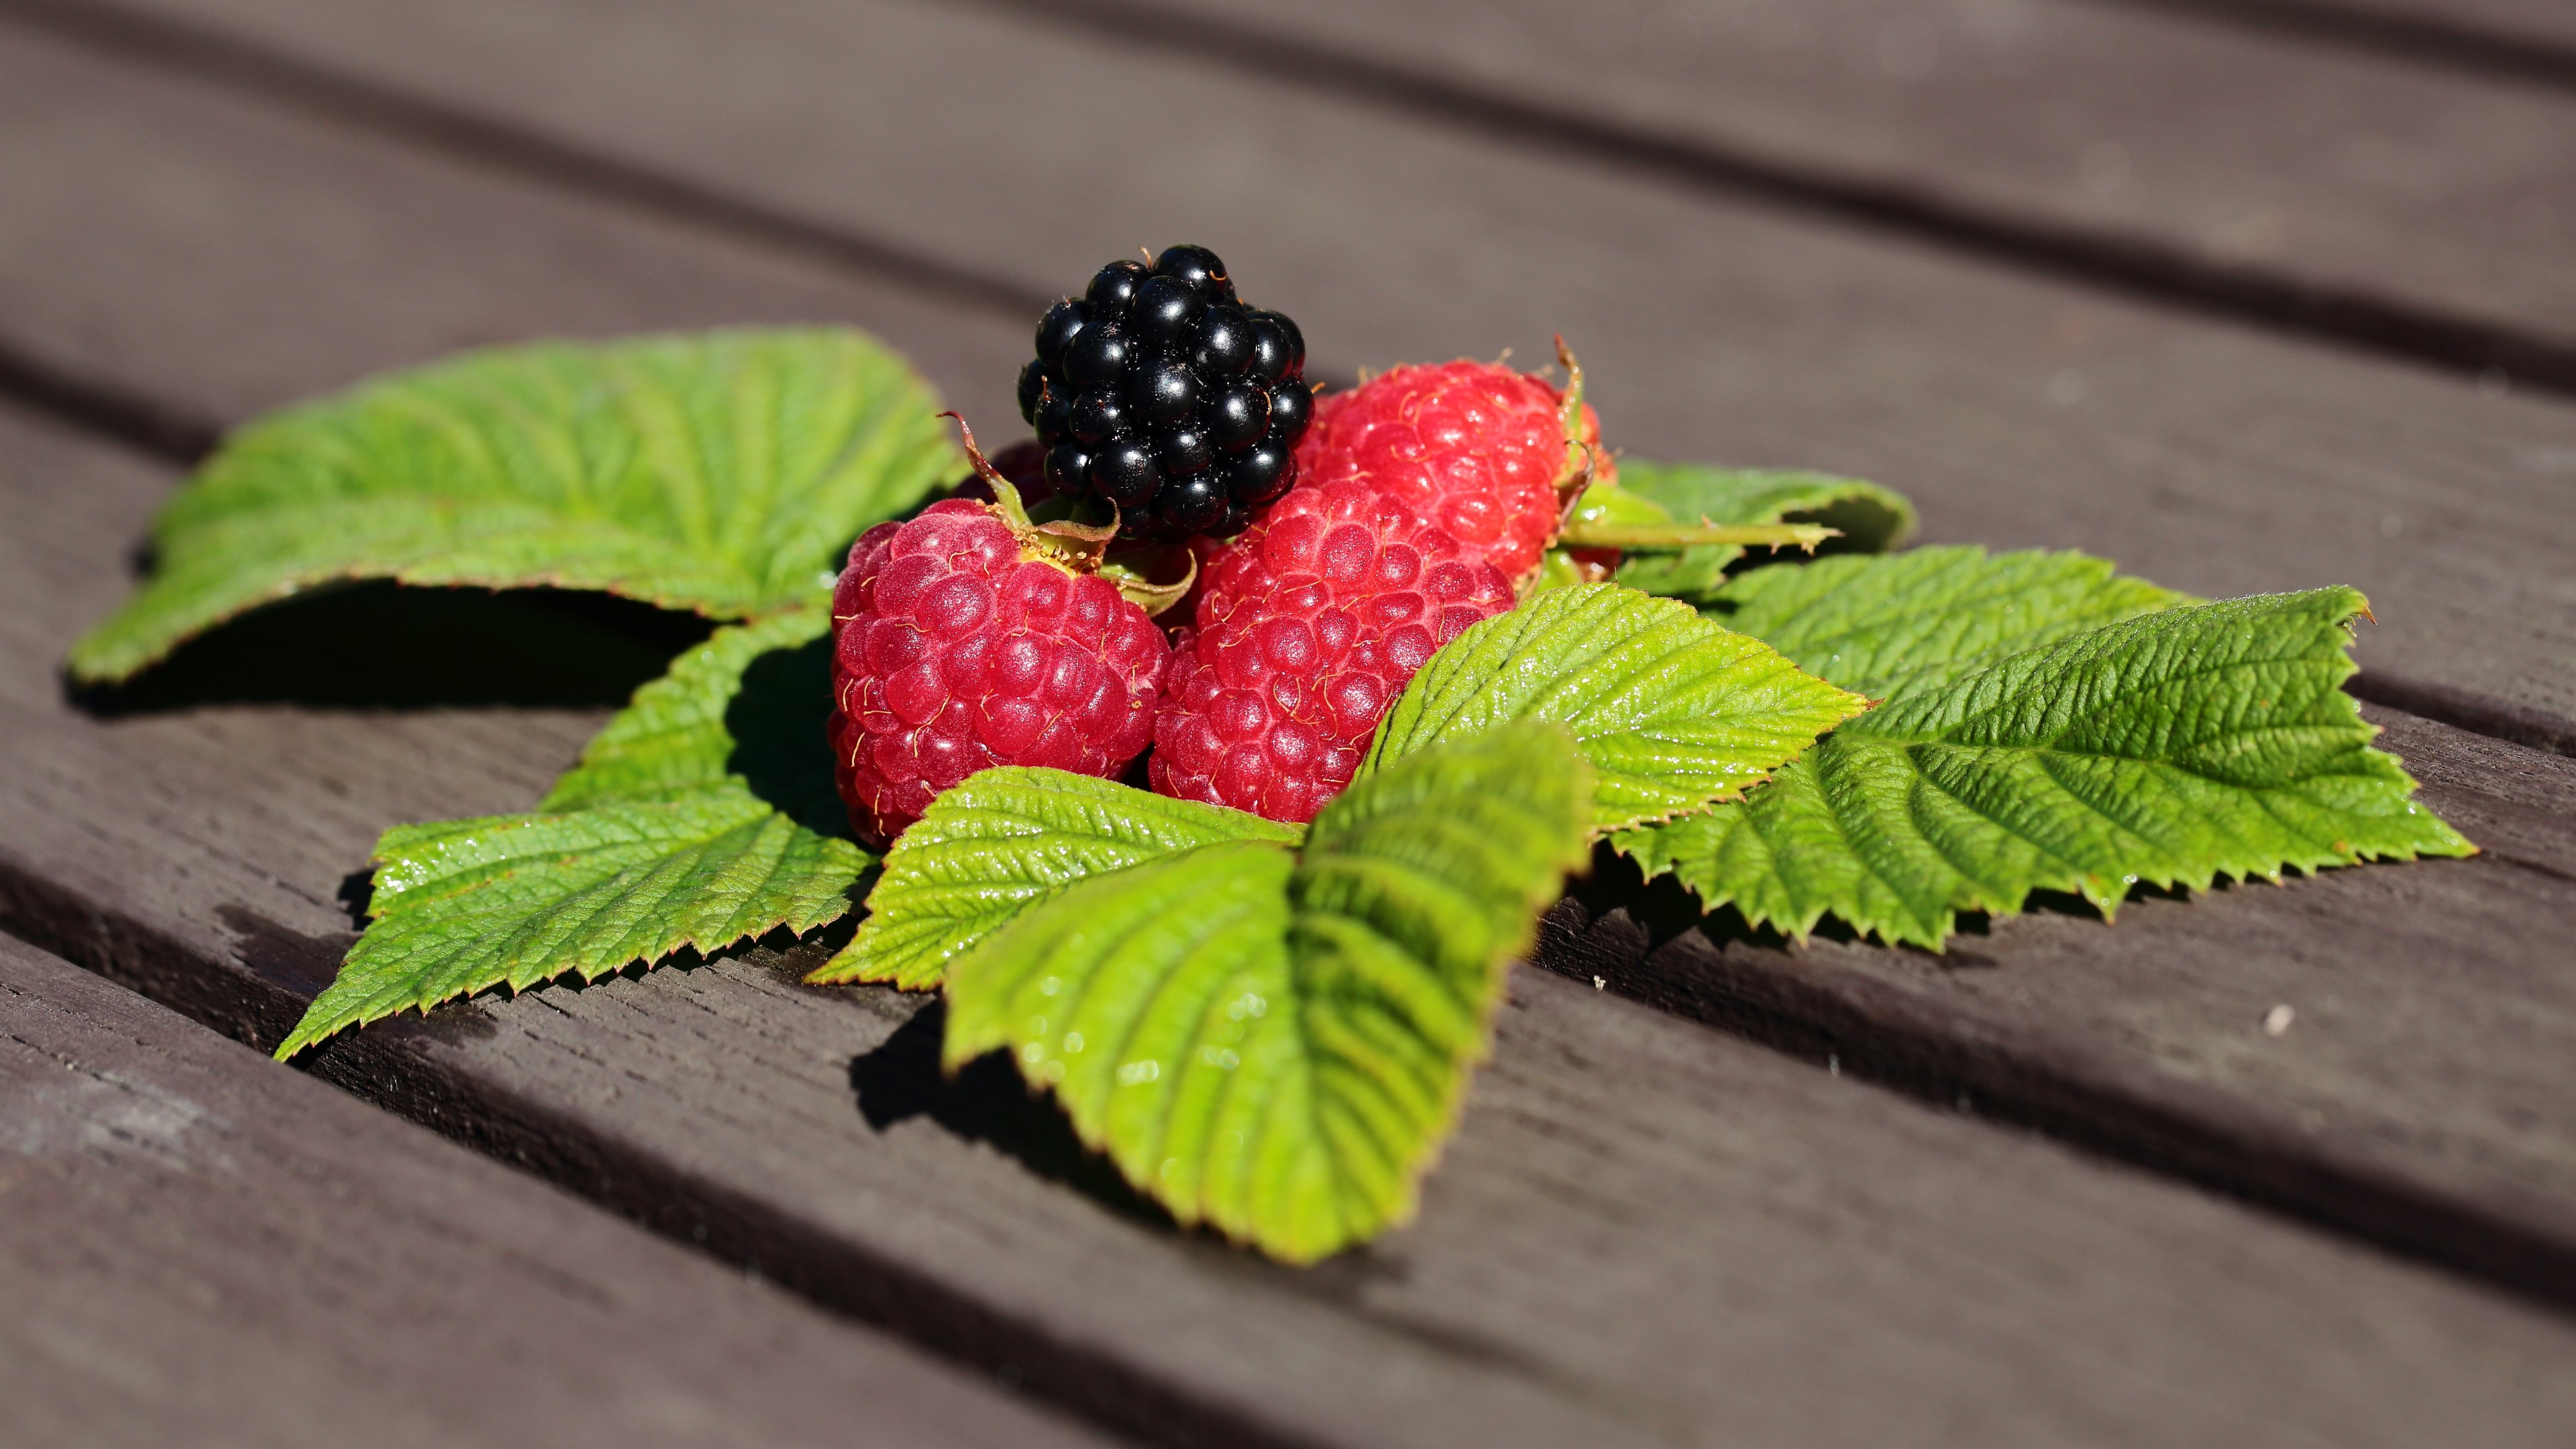 Blackberry fruit wallpaper - 4k Hd Wallpaper Forest Fruits Raspberries And Blackberry